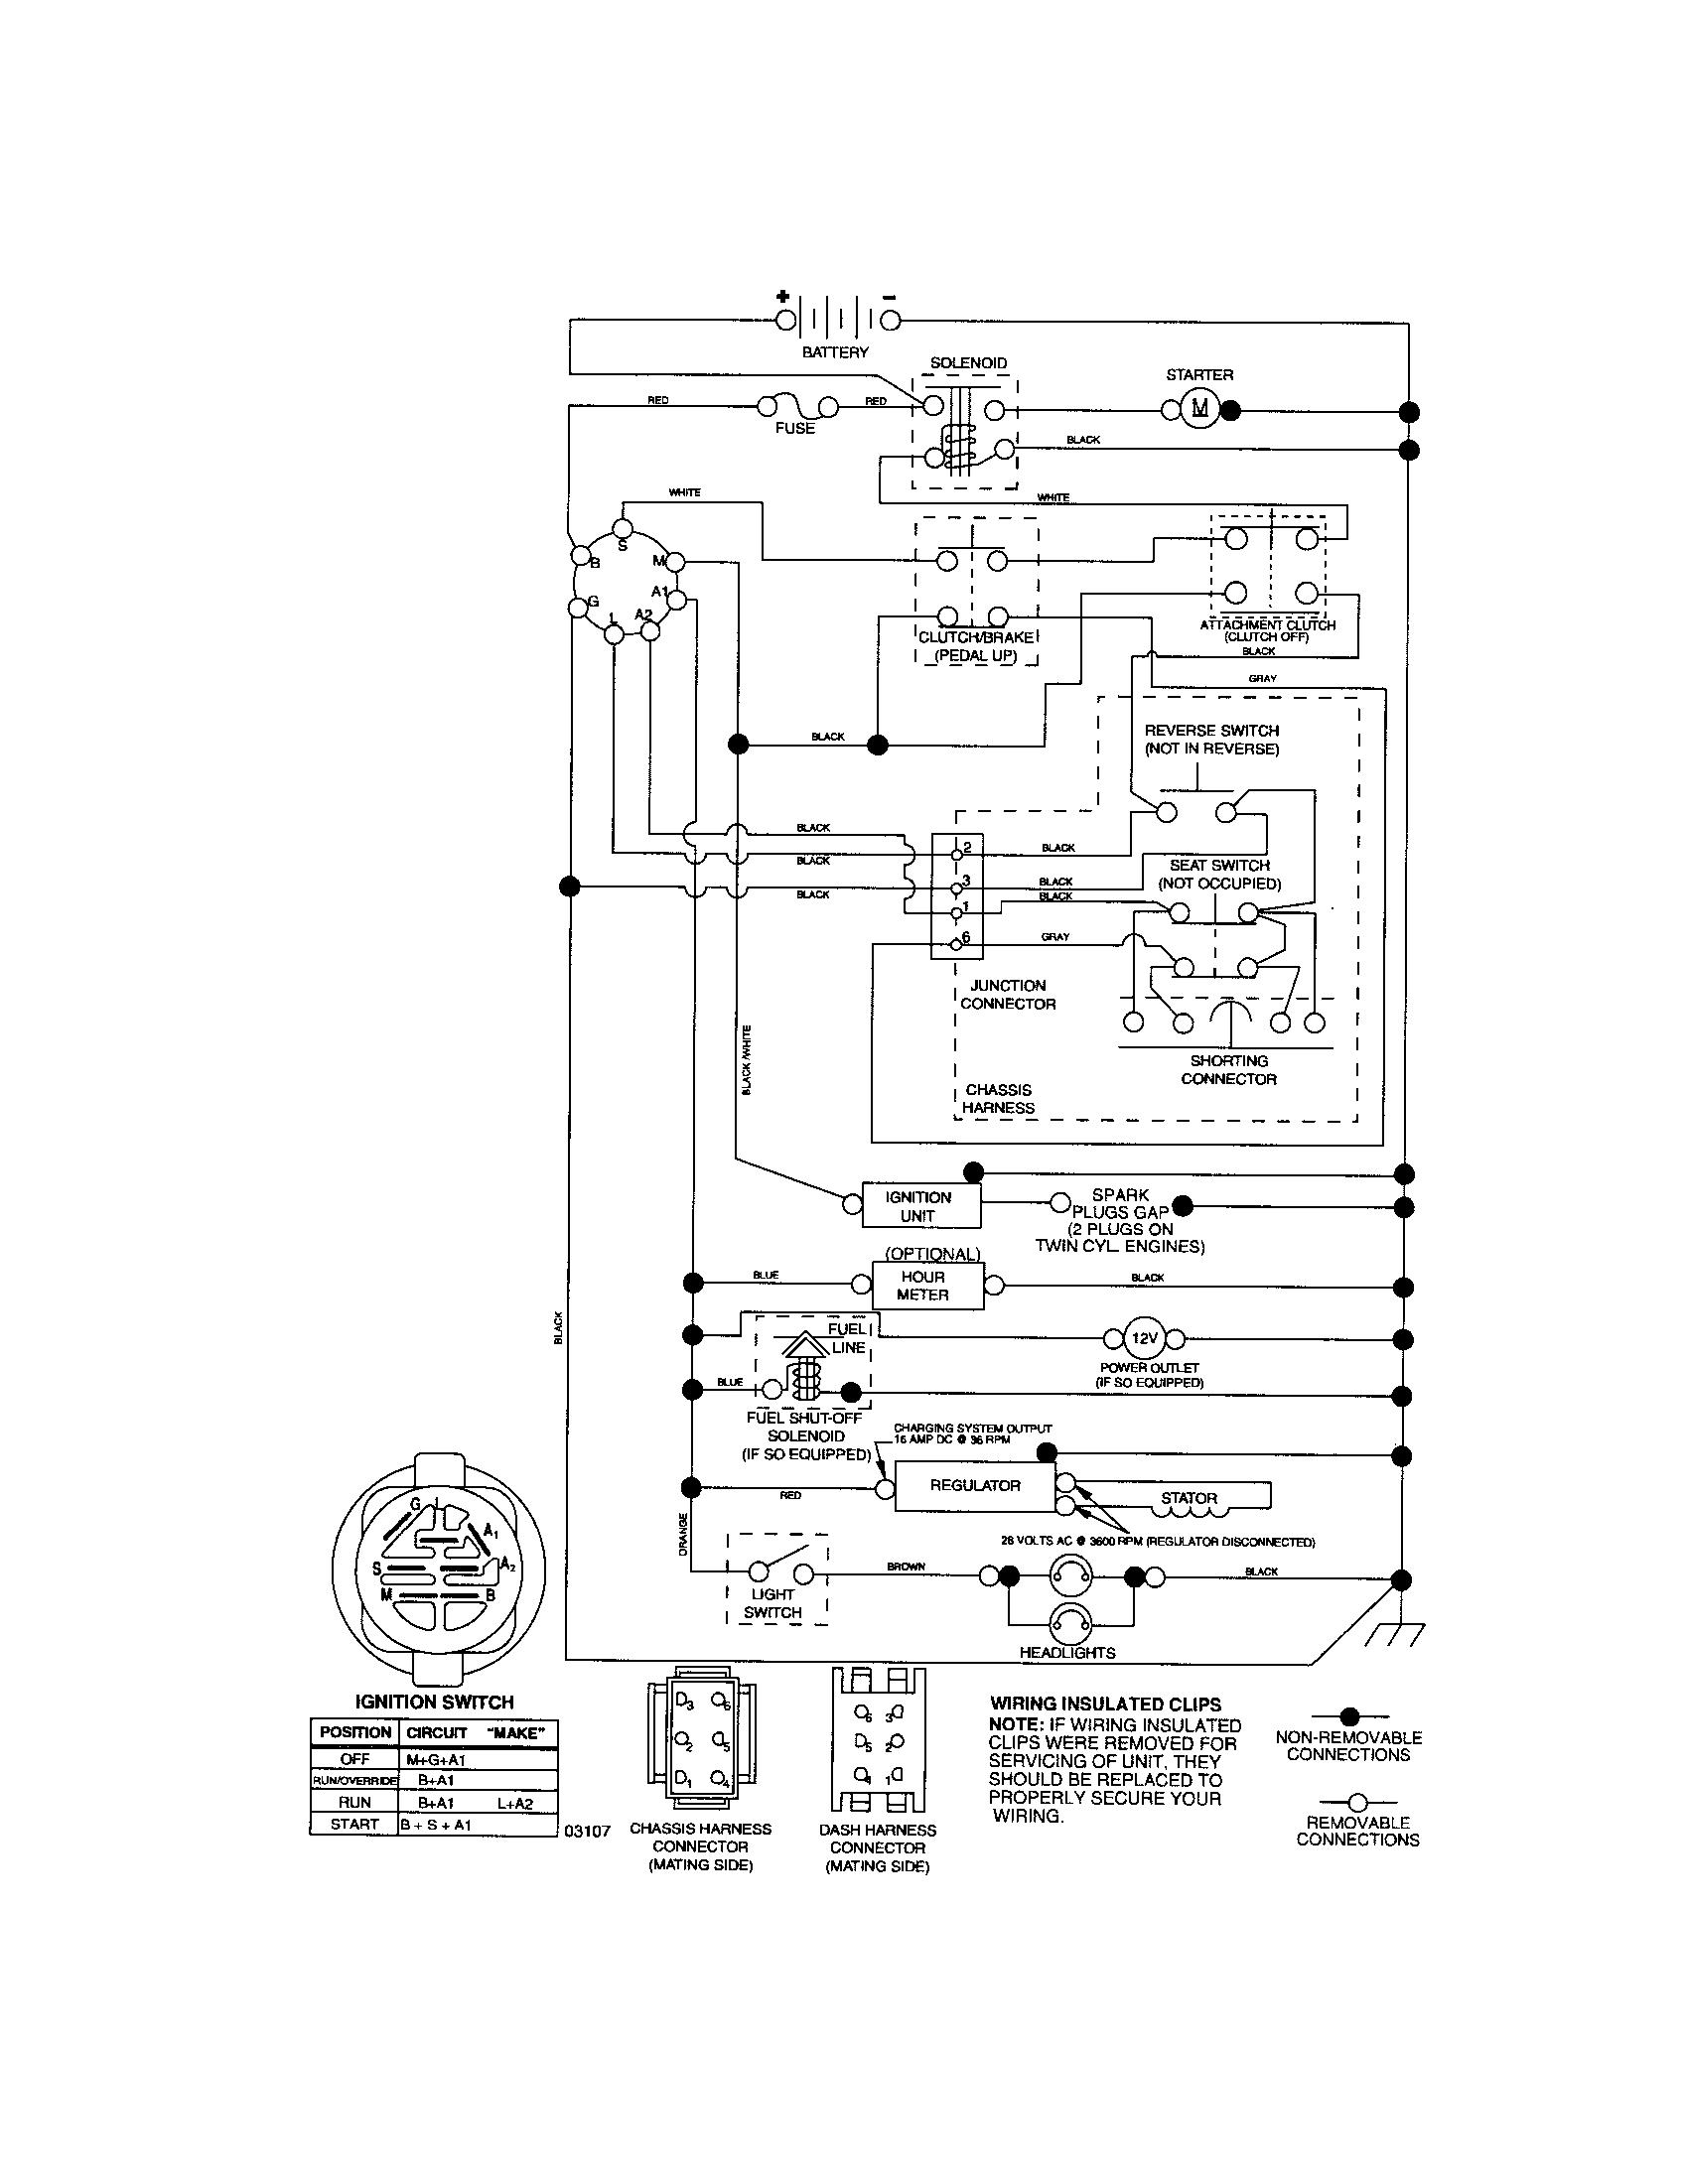 Craftsman Riding Mower Electrical Diagram | Wiring Diagram Craftsman - Riding Lawn Mower Wiring Diagram